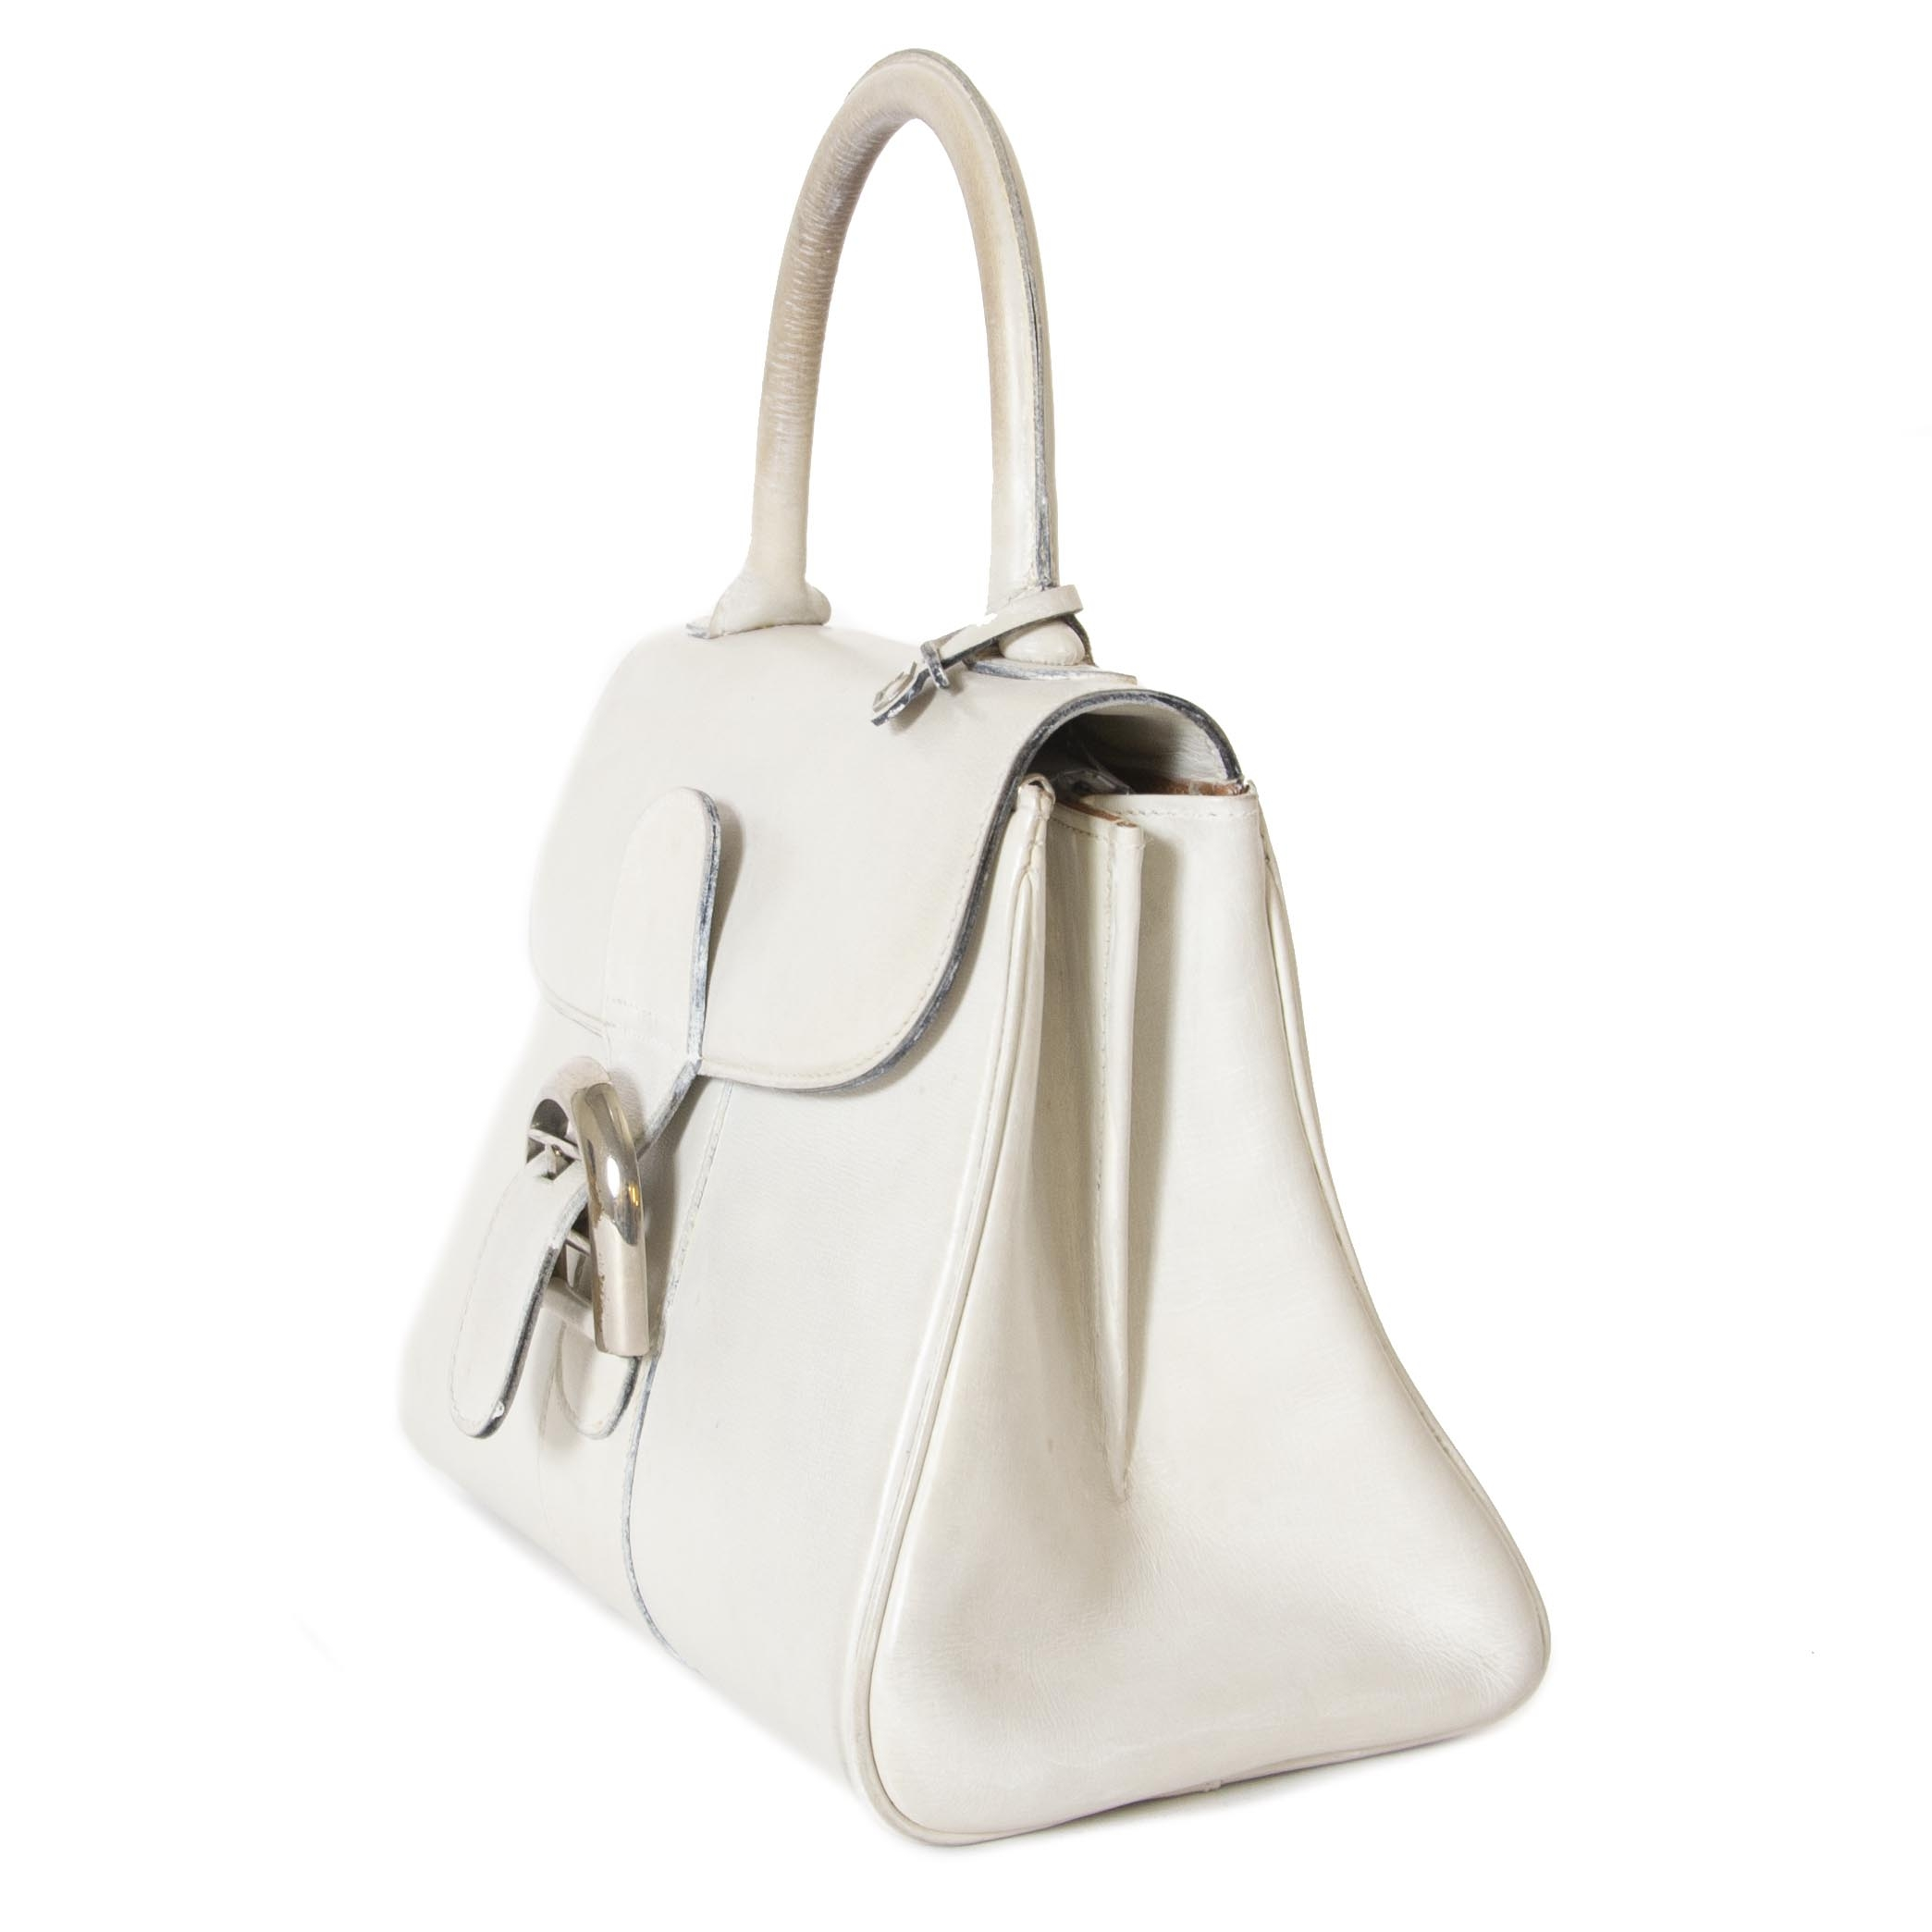 c2937117cb09 ... Delvaux Brillant White PM Bag now for sale at labellov vintage fashion  webshop belgium